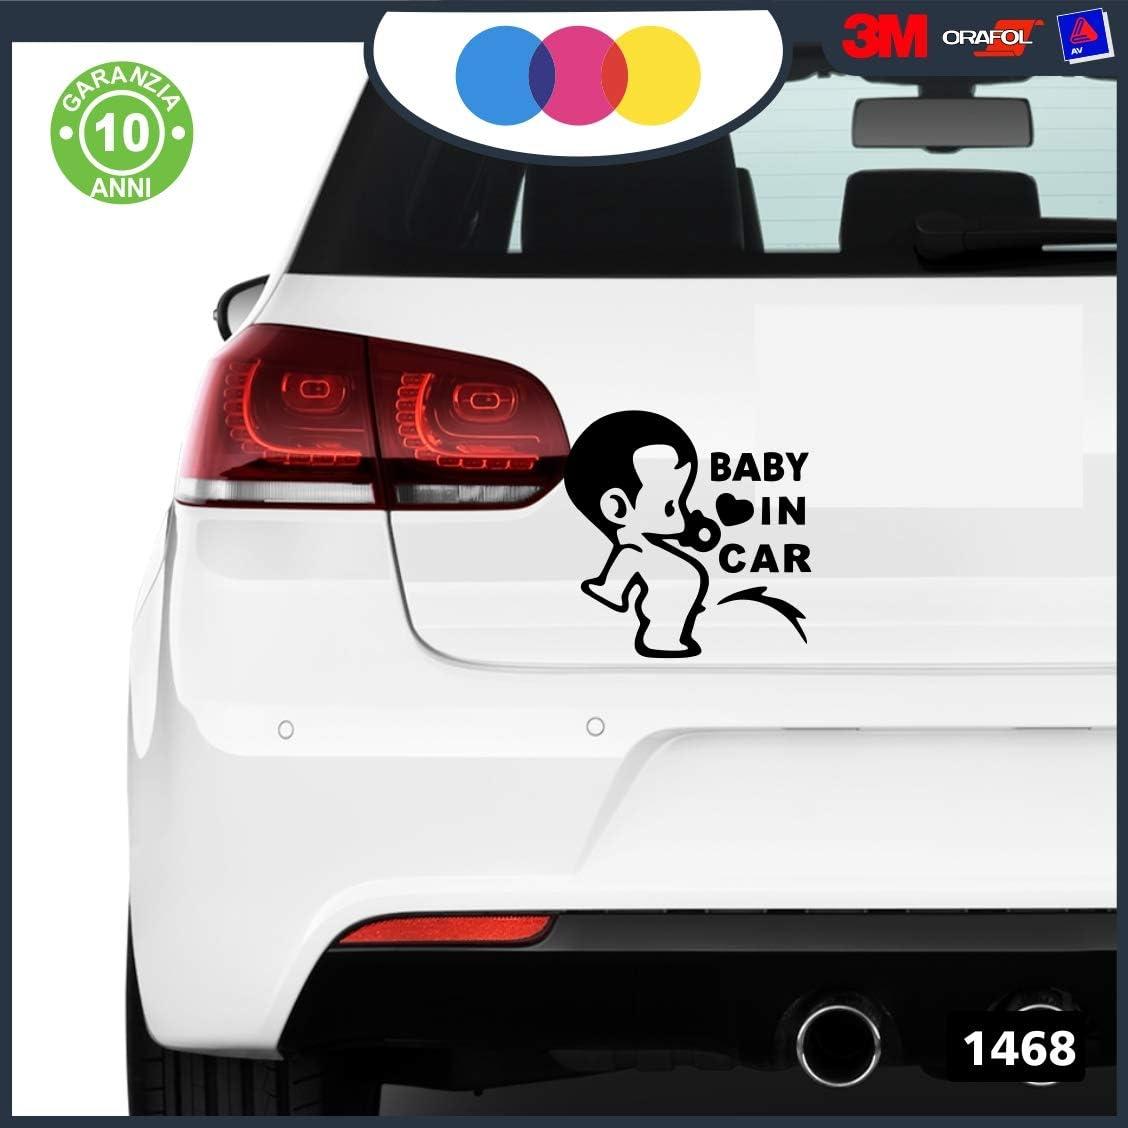 Apto para Coche Ni/ño a Bordo 3 Moto y Ordenador mural stickers Pegatina de beb/é a Bordo Adhesivo Copyright /© 2017 Negro Ni/ña a Bordo